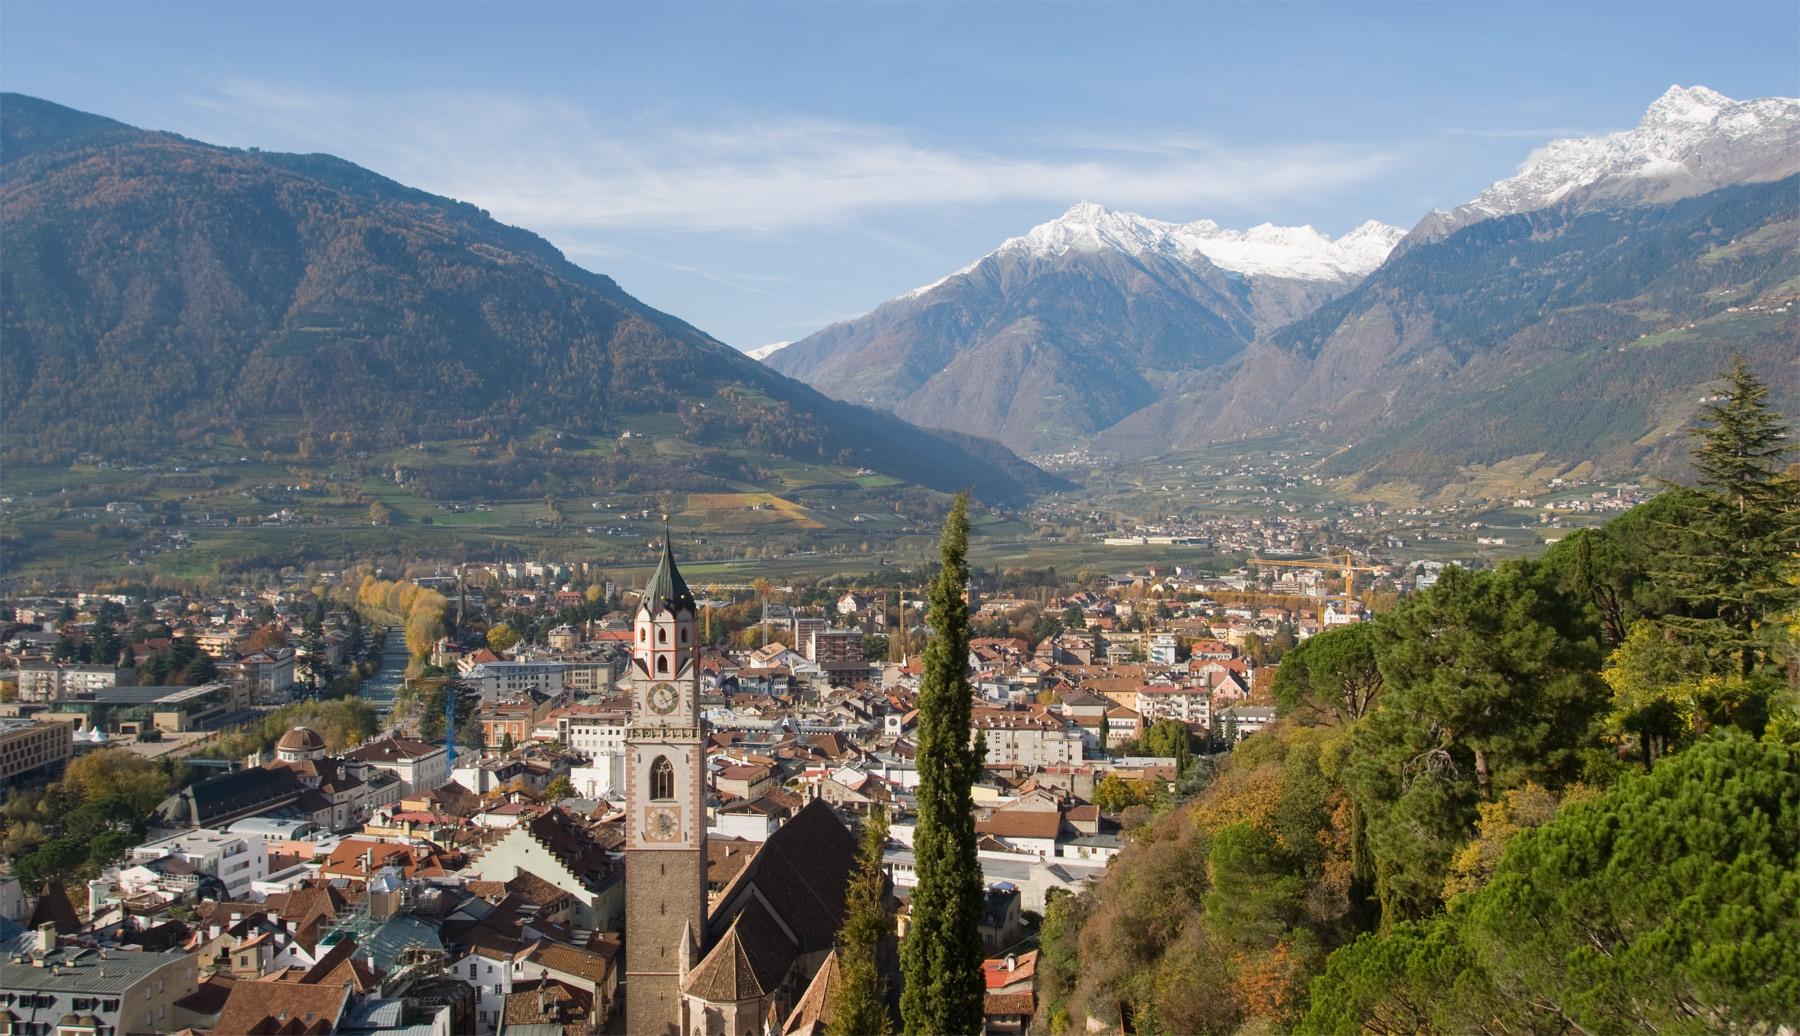 Dorf Tirol Hotel Villa Maria